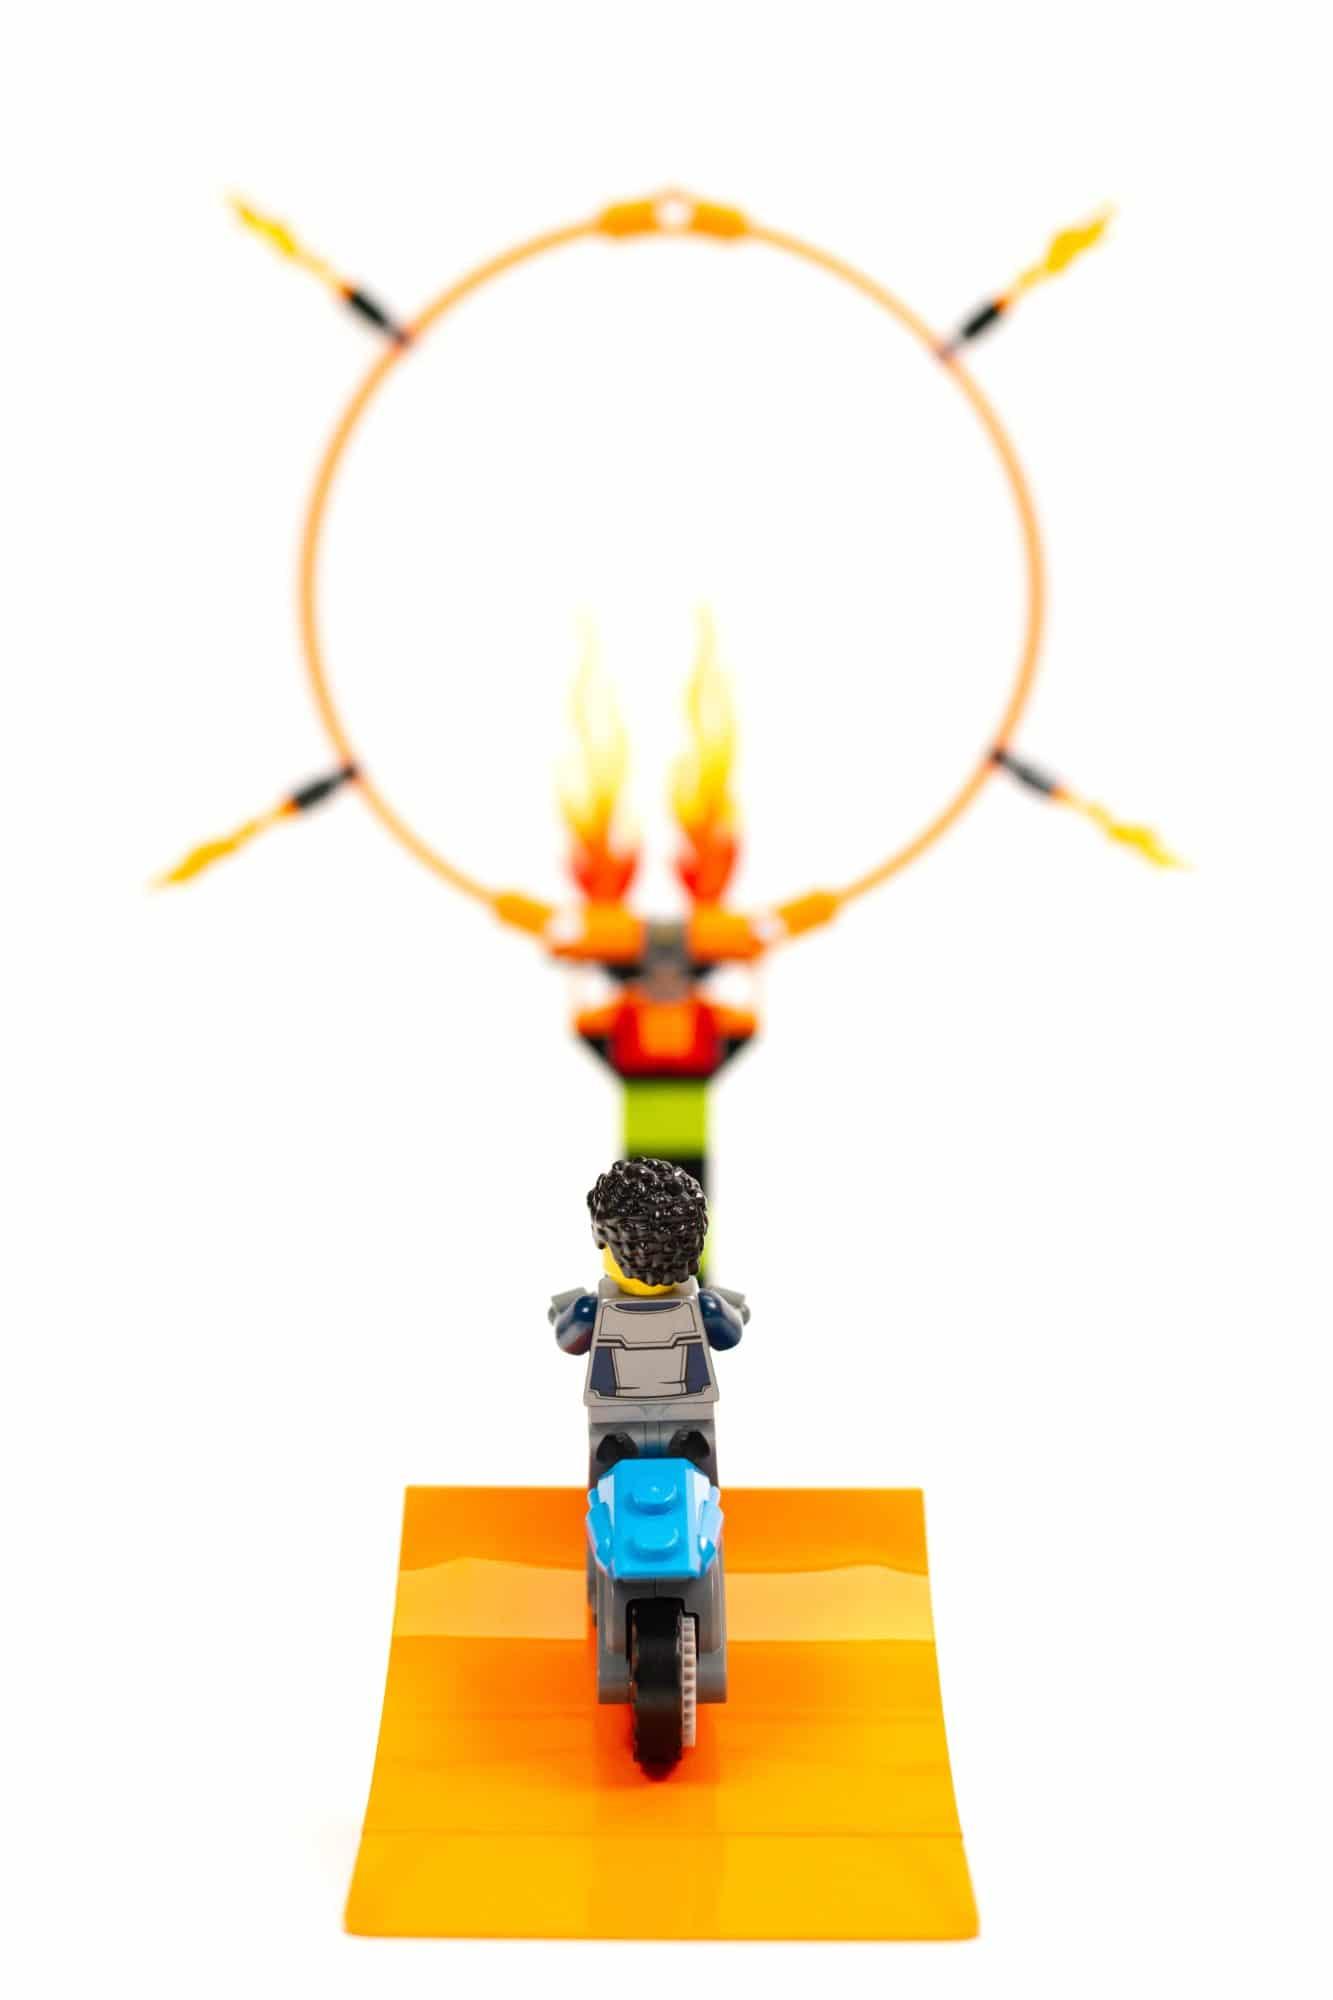 LEGO City Stuntz Praxistest 60299 6